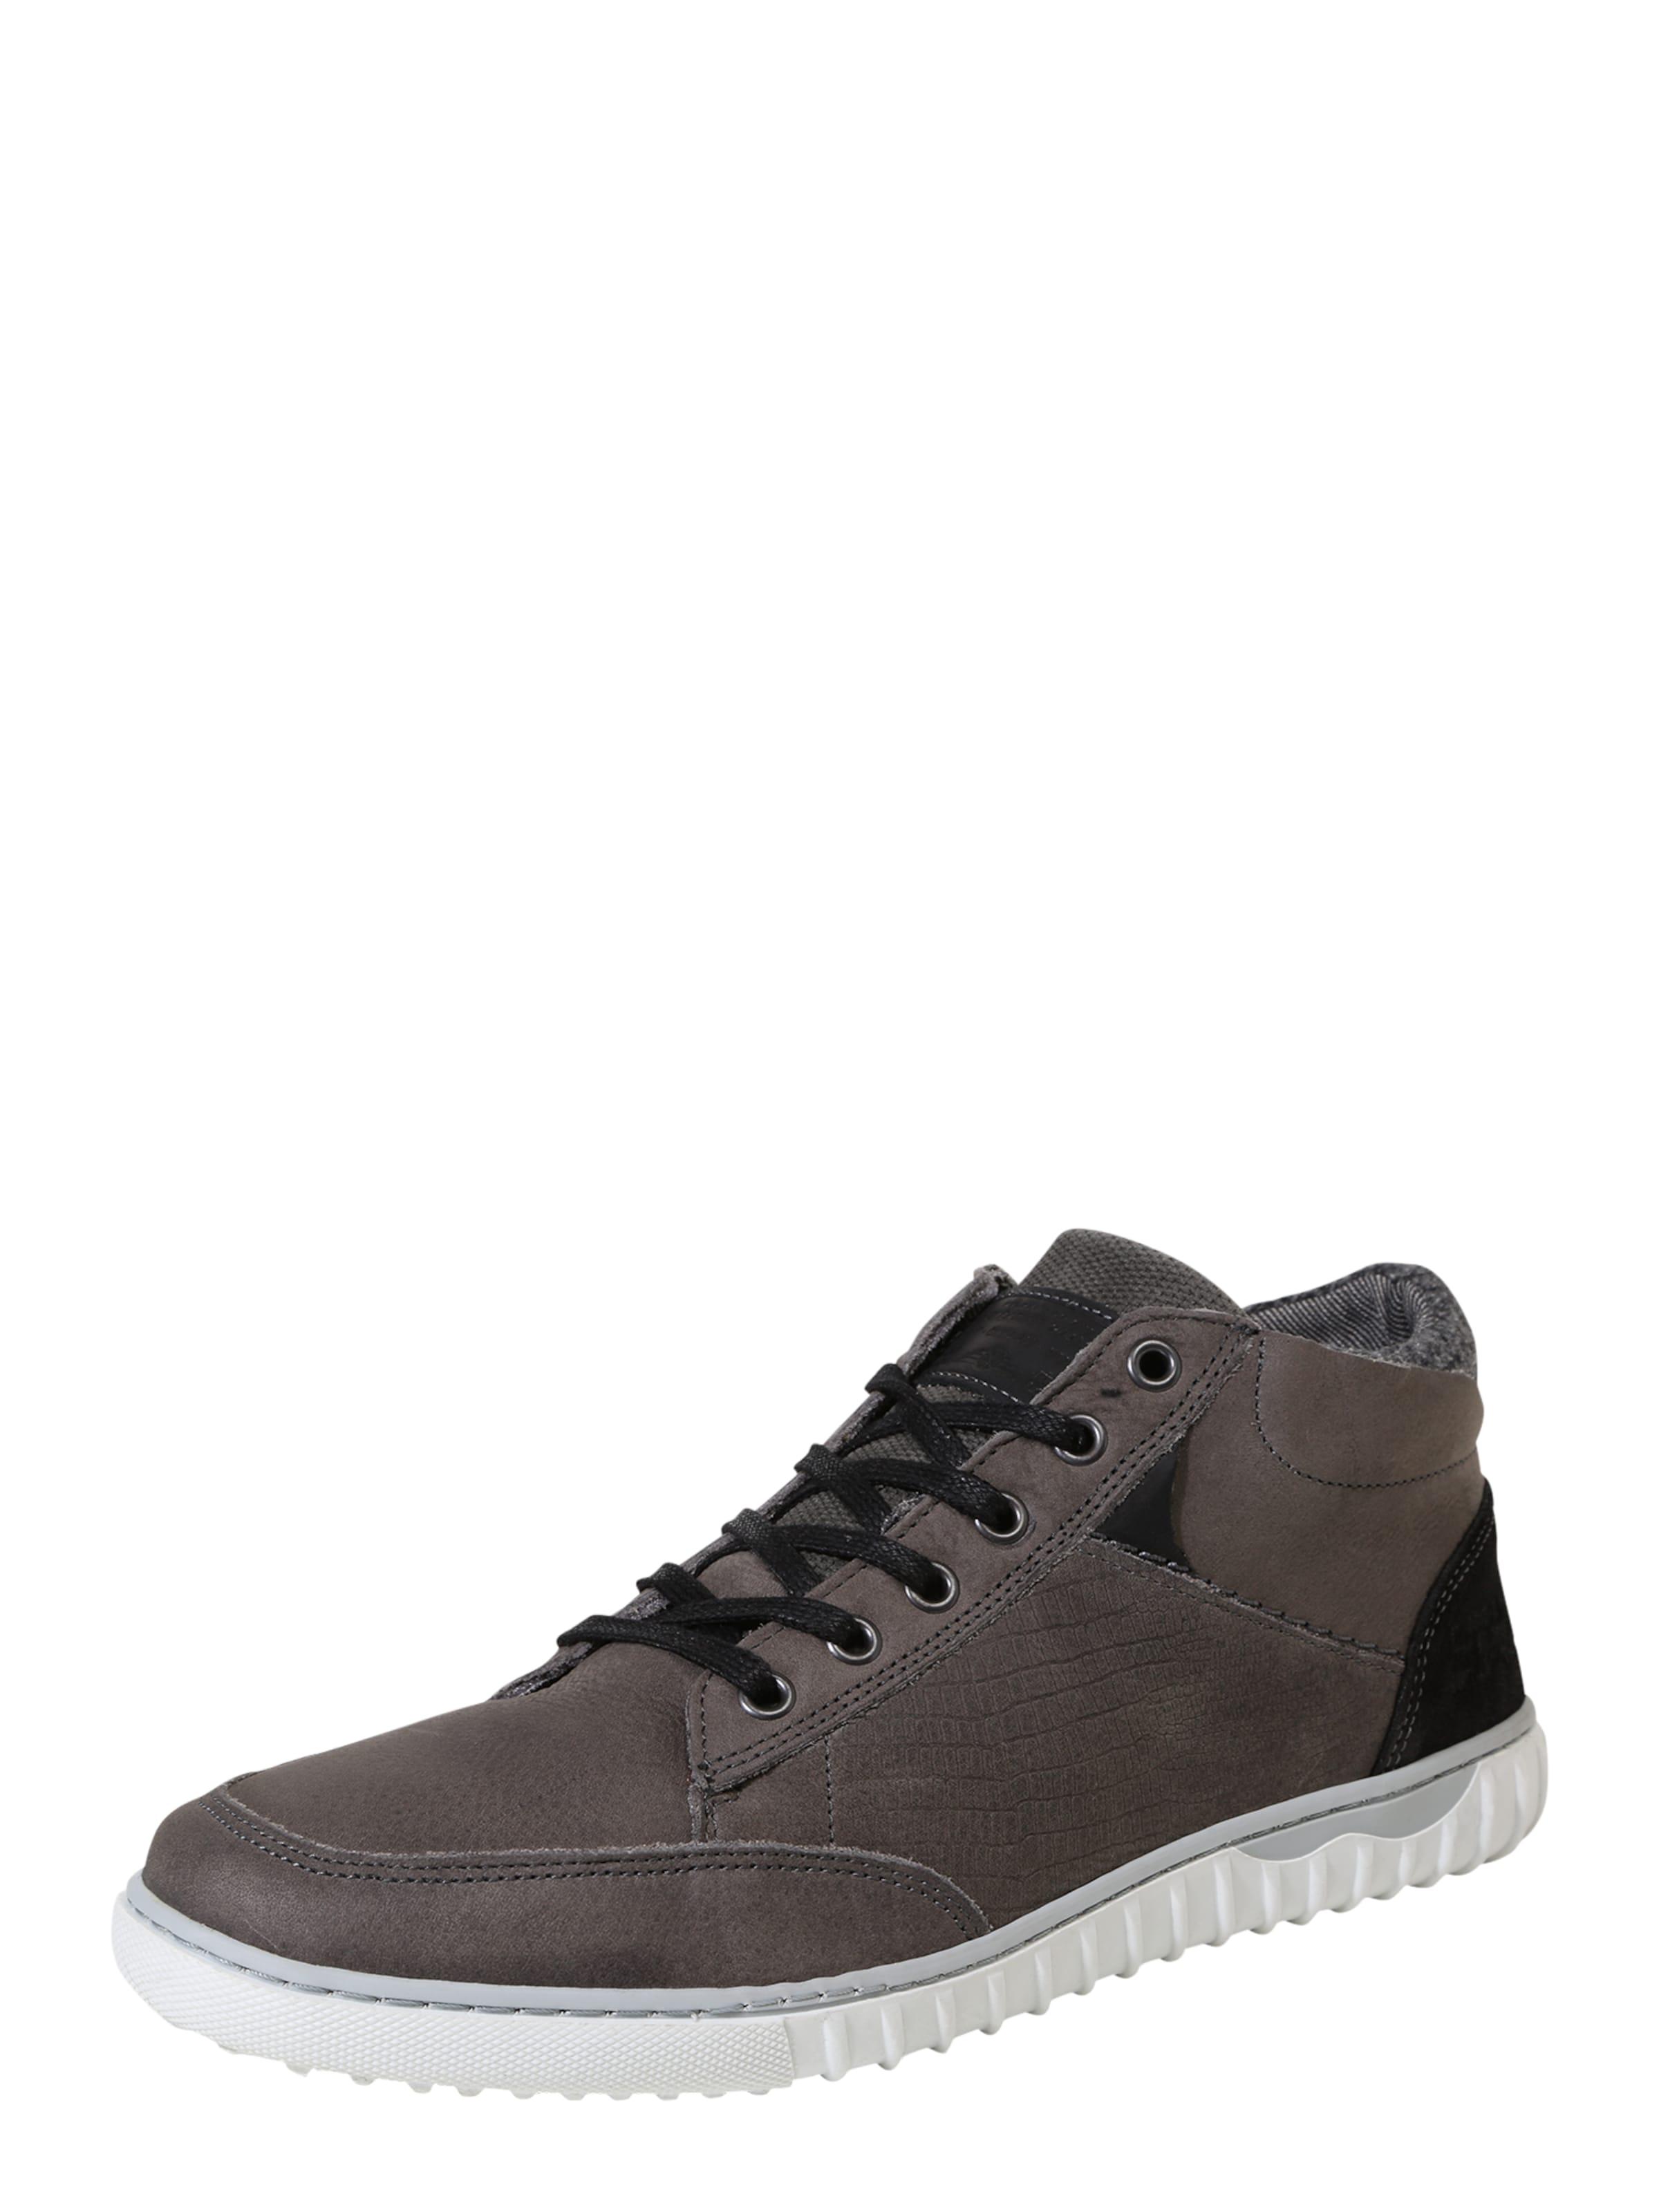 BULLBOXER Sneaker mit Snakeskin-Prägung Verschleißfeste billige Schuhe